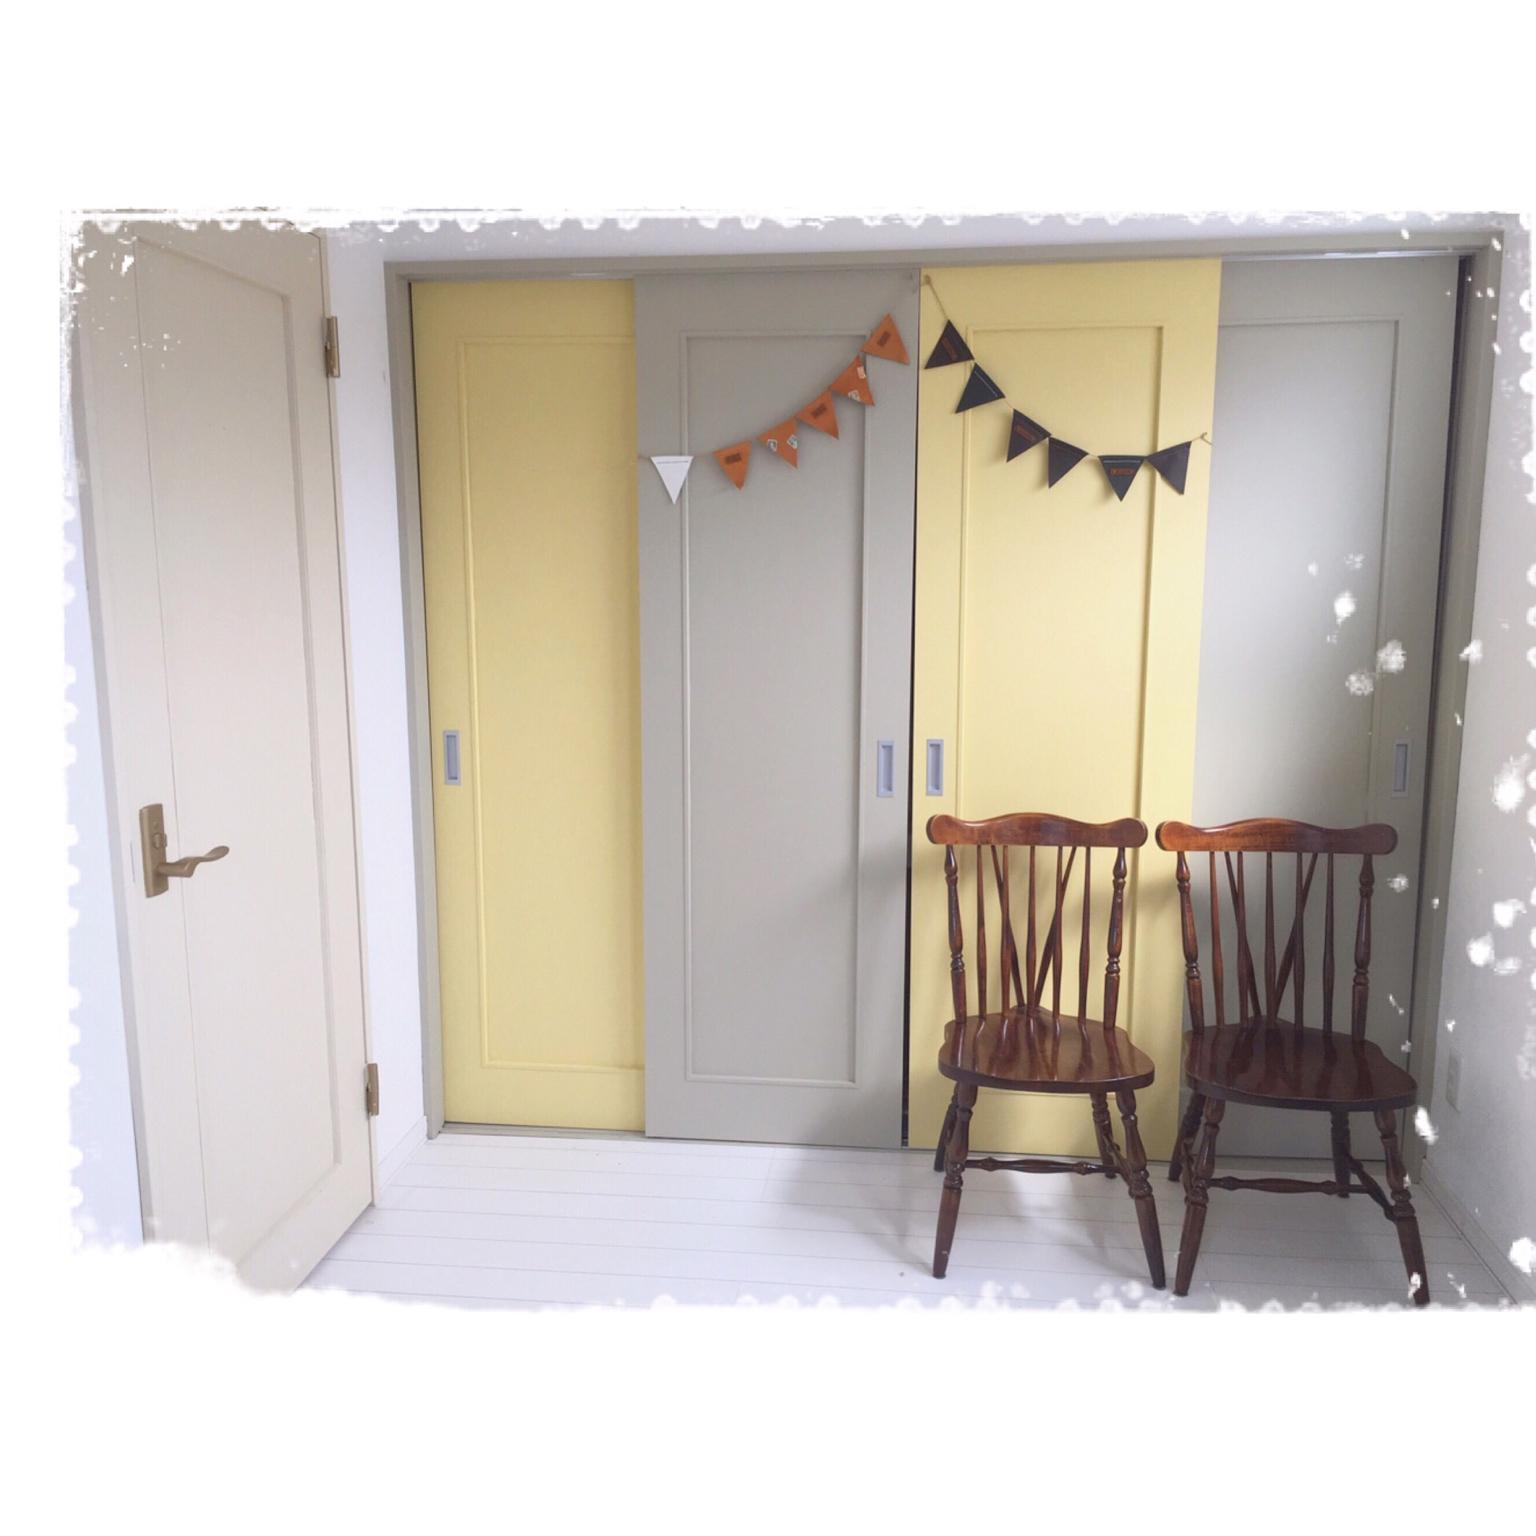 女性で、4LDK、家族住まいのターナーミルクペイント/扉ペイント/田舎のアメリカンカントリーをイメージに/遊び部屋予定…などについてのインテリア実例を紹介。